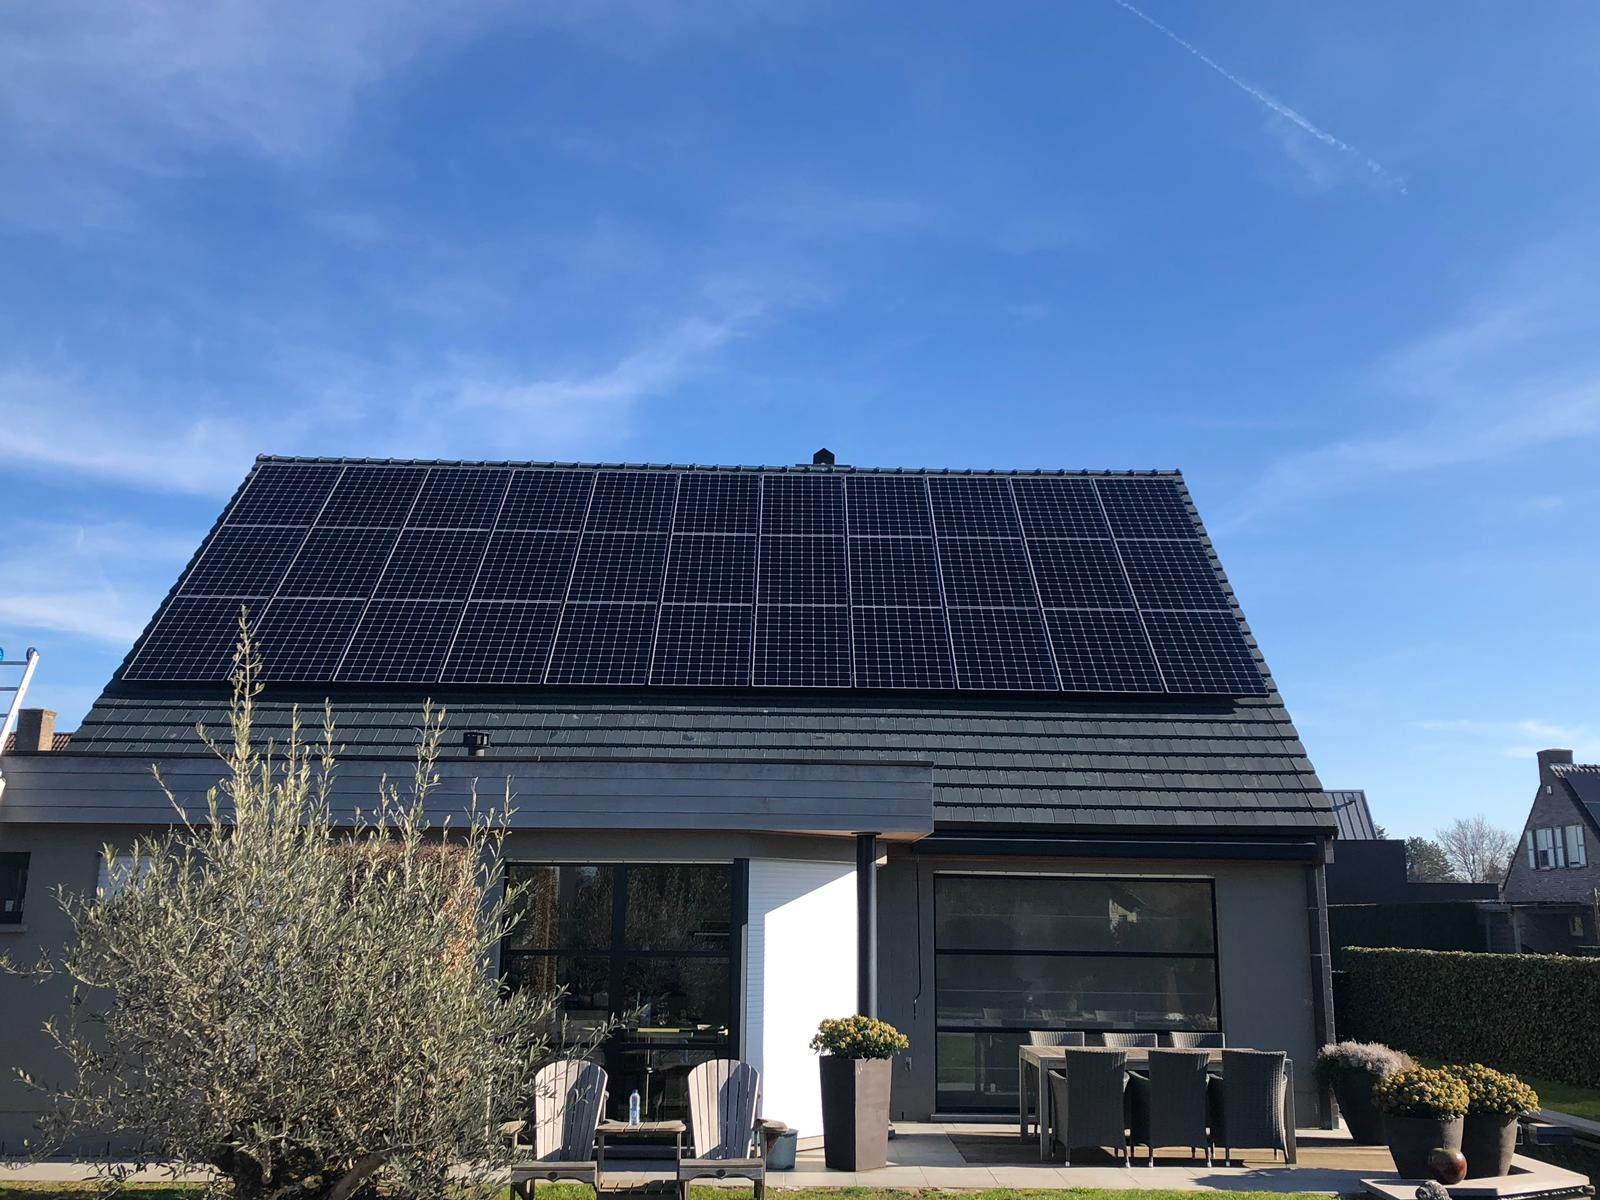 solarconstructs-installatie-20190220